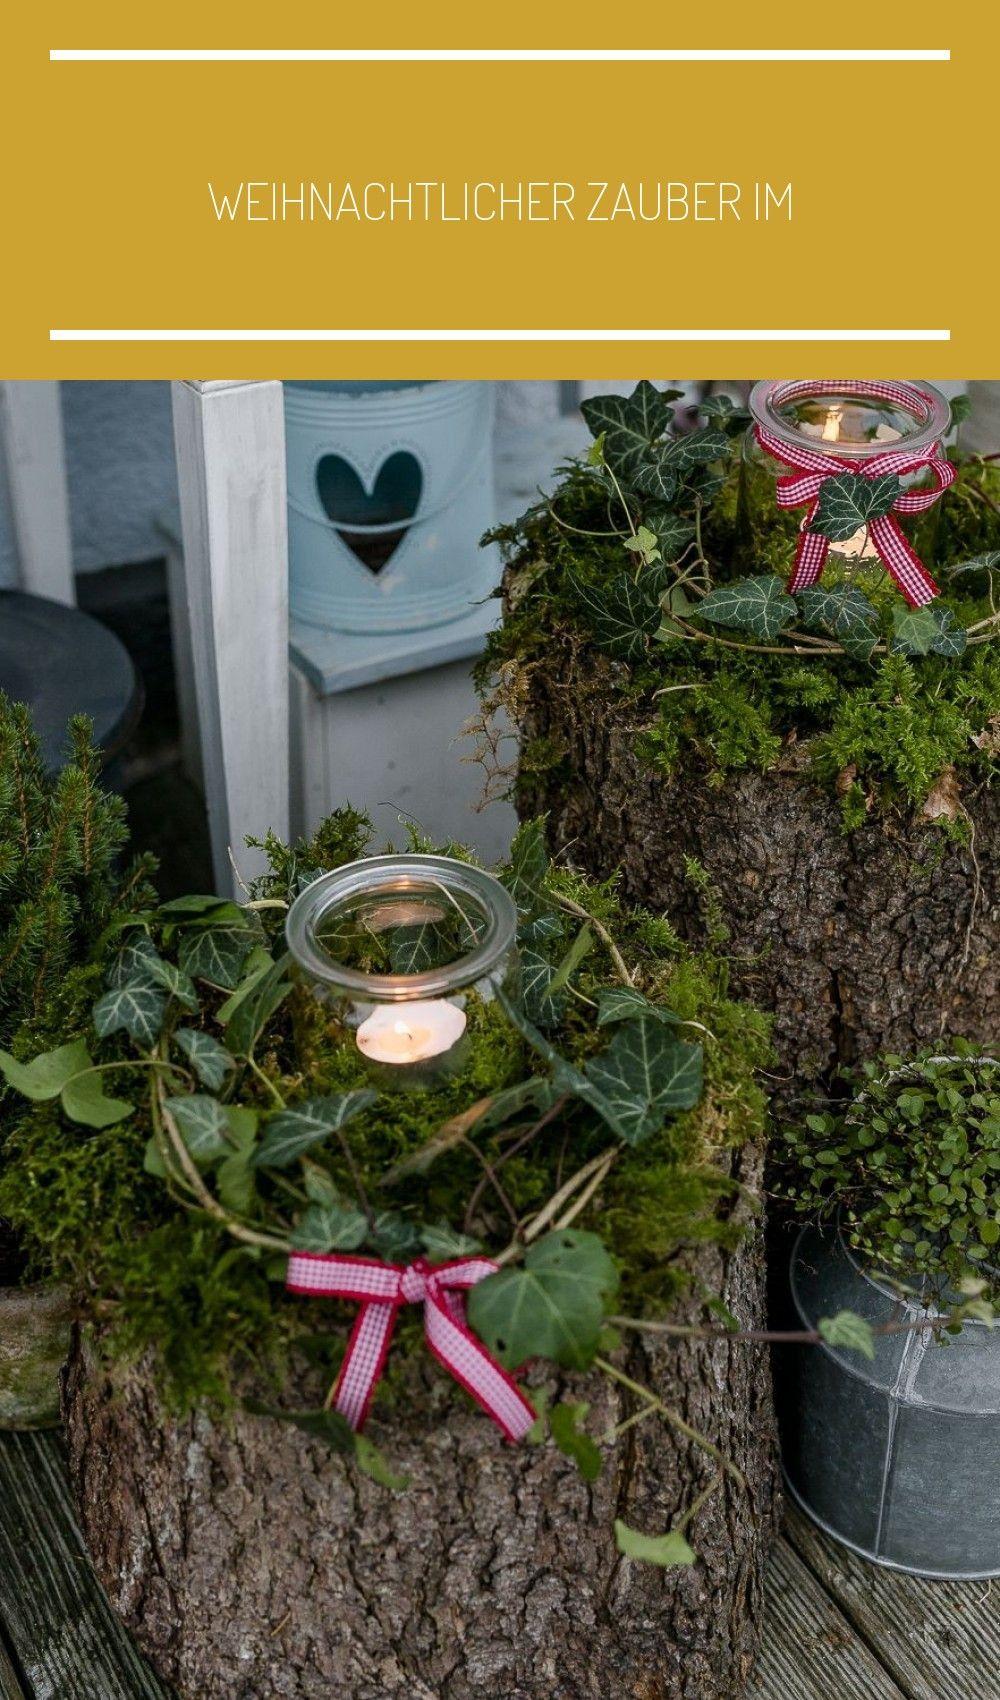 Weihnachtlicher Zauber im Novembergarten • Pomponetti #adbent #deko #garten #weckglas #holzscheiben deko garten Weihnachtlicher Zauber im Novembergarten • Pomponetti #holzscheiben deko garten #holzscheibendeko